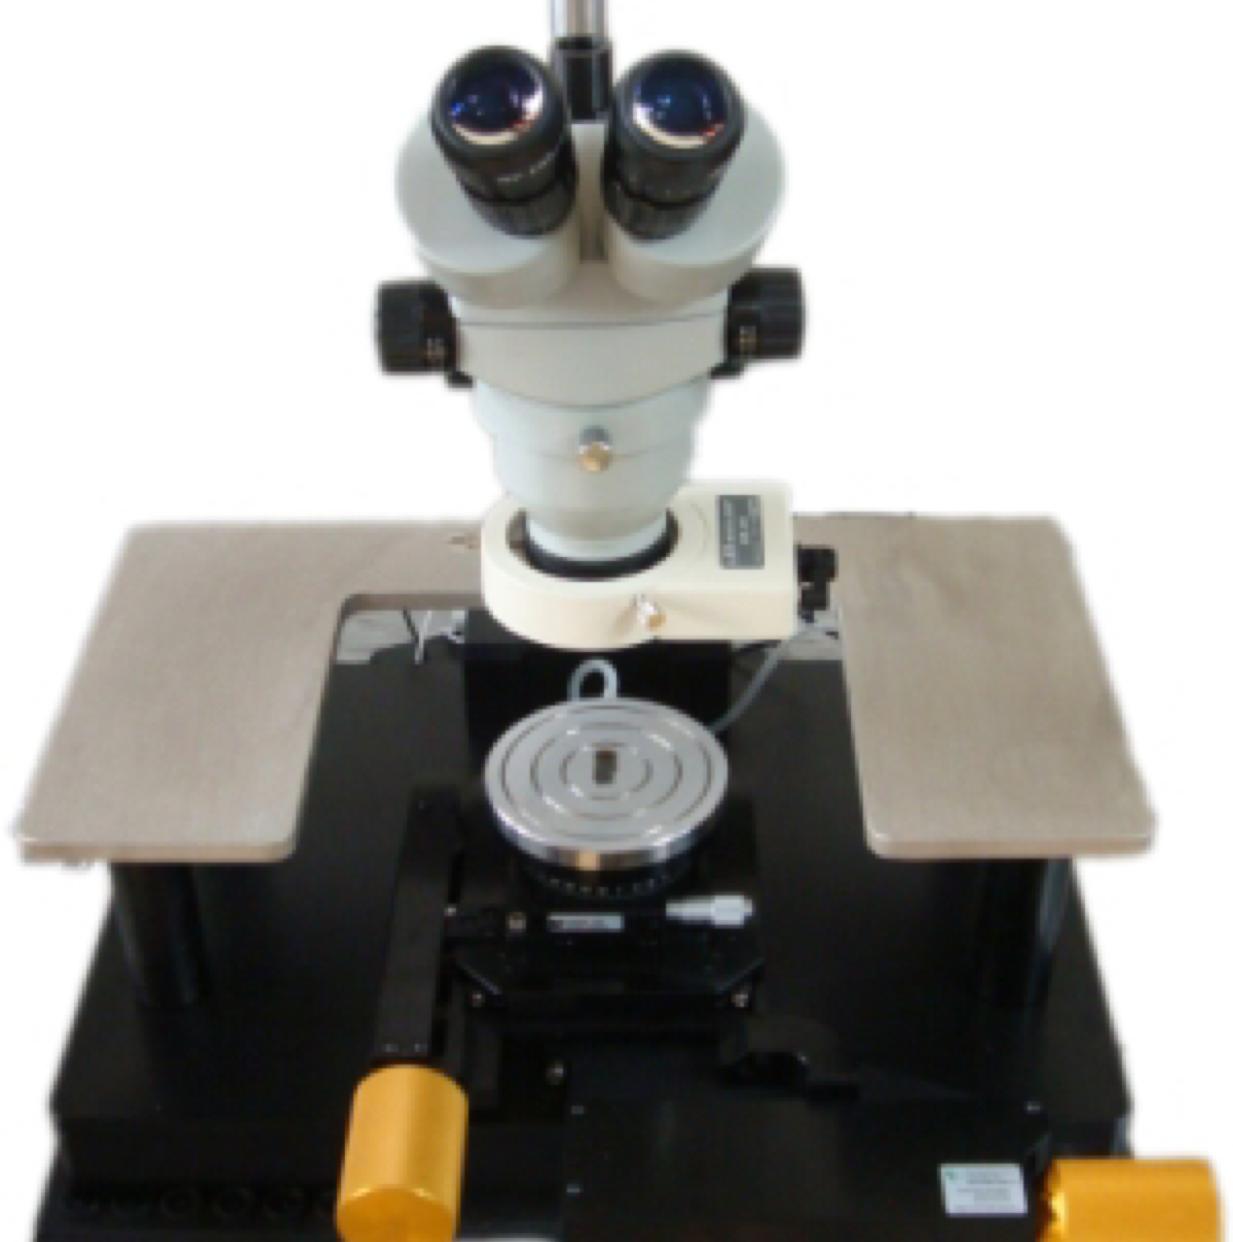 机器设备 摄像机 摄像头 数码 1233_1242